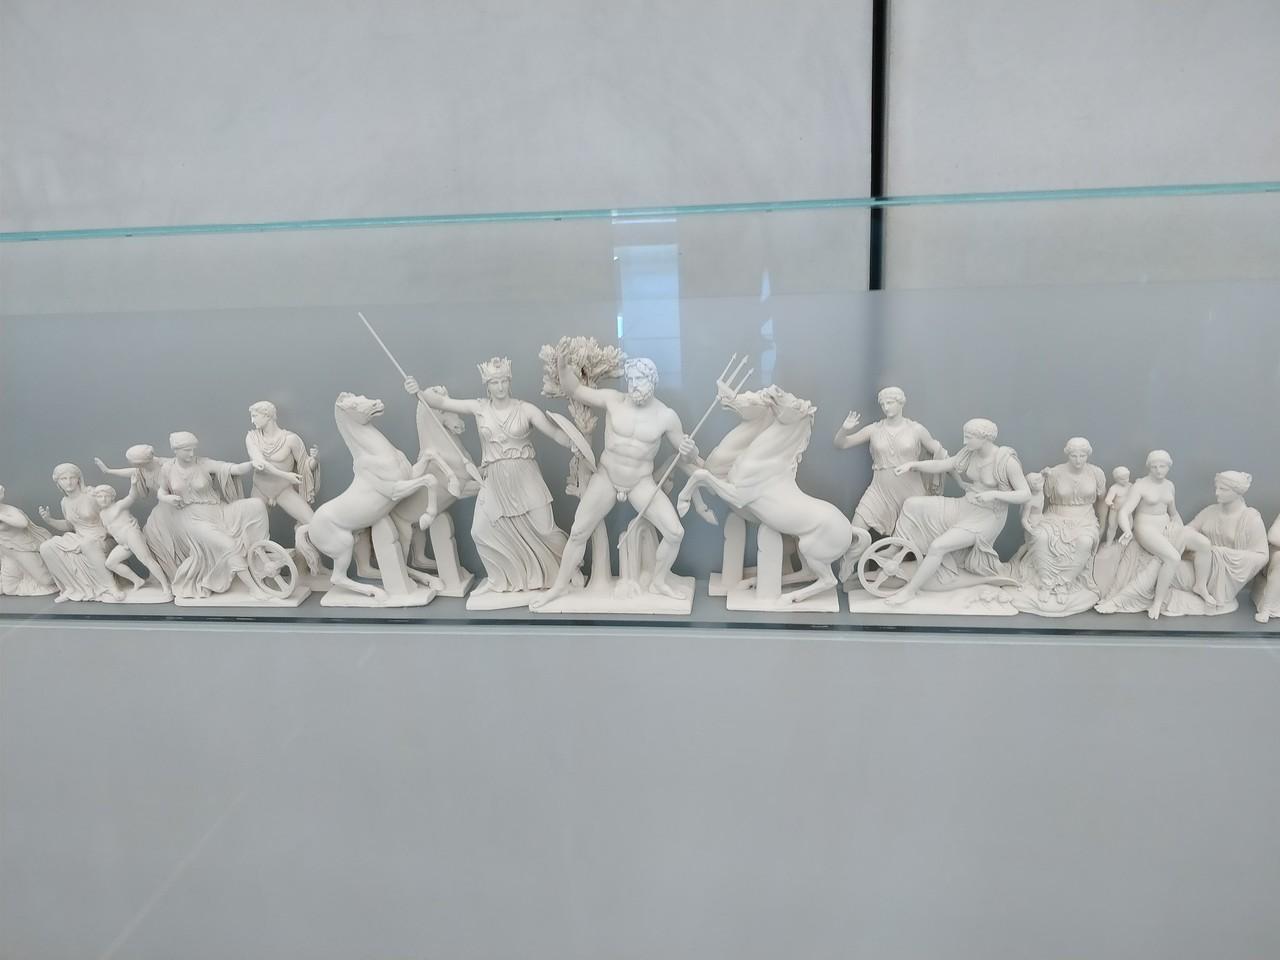 056 - Acropolis Museum - Model of Parthenon Pediment